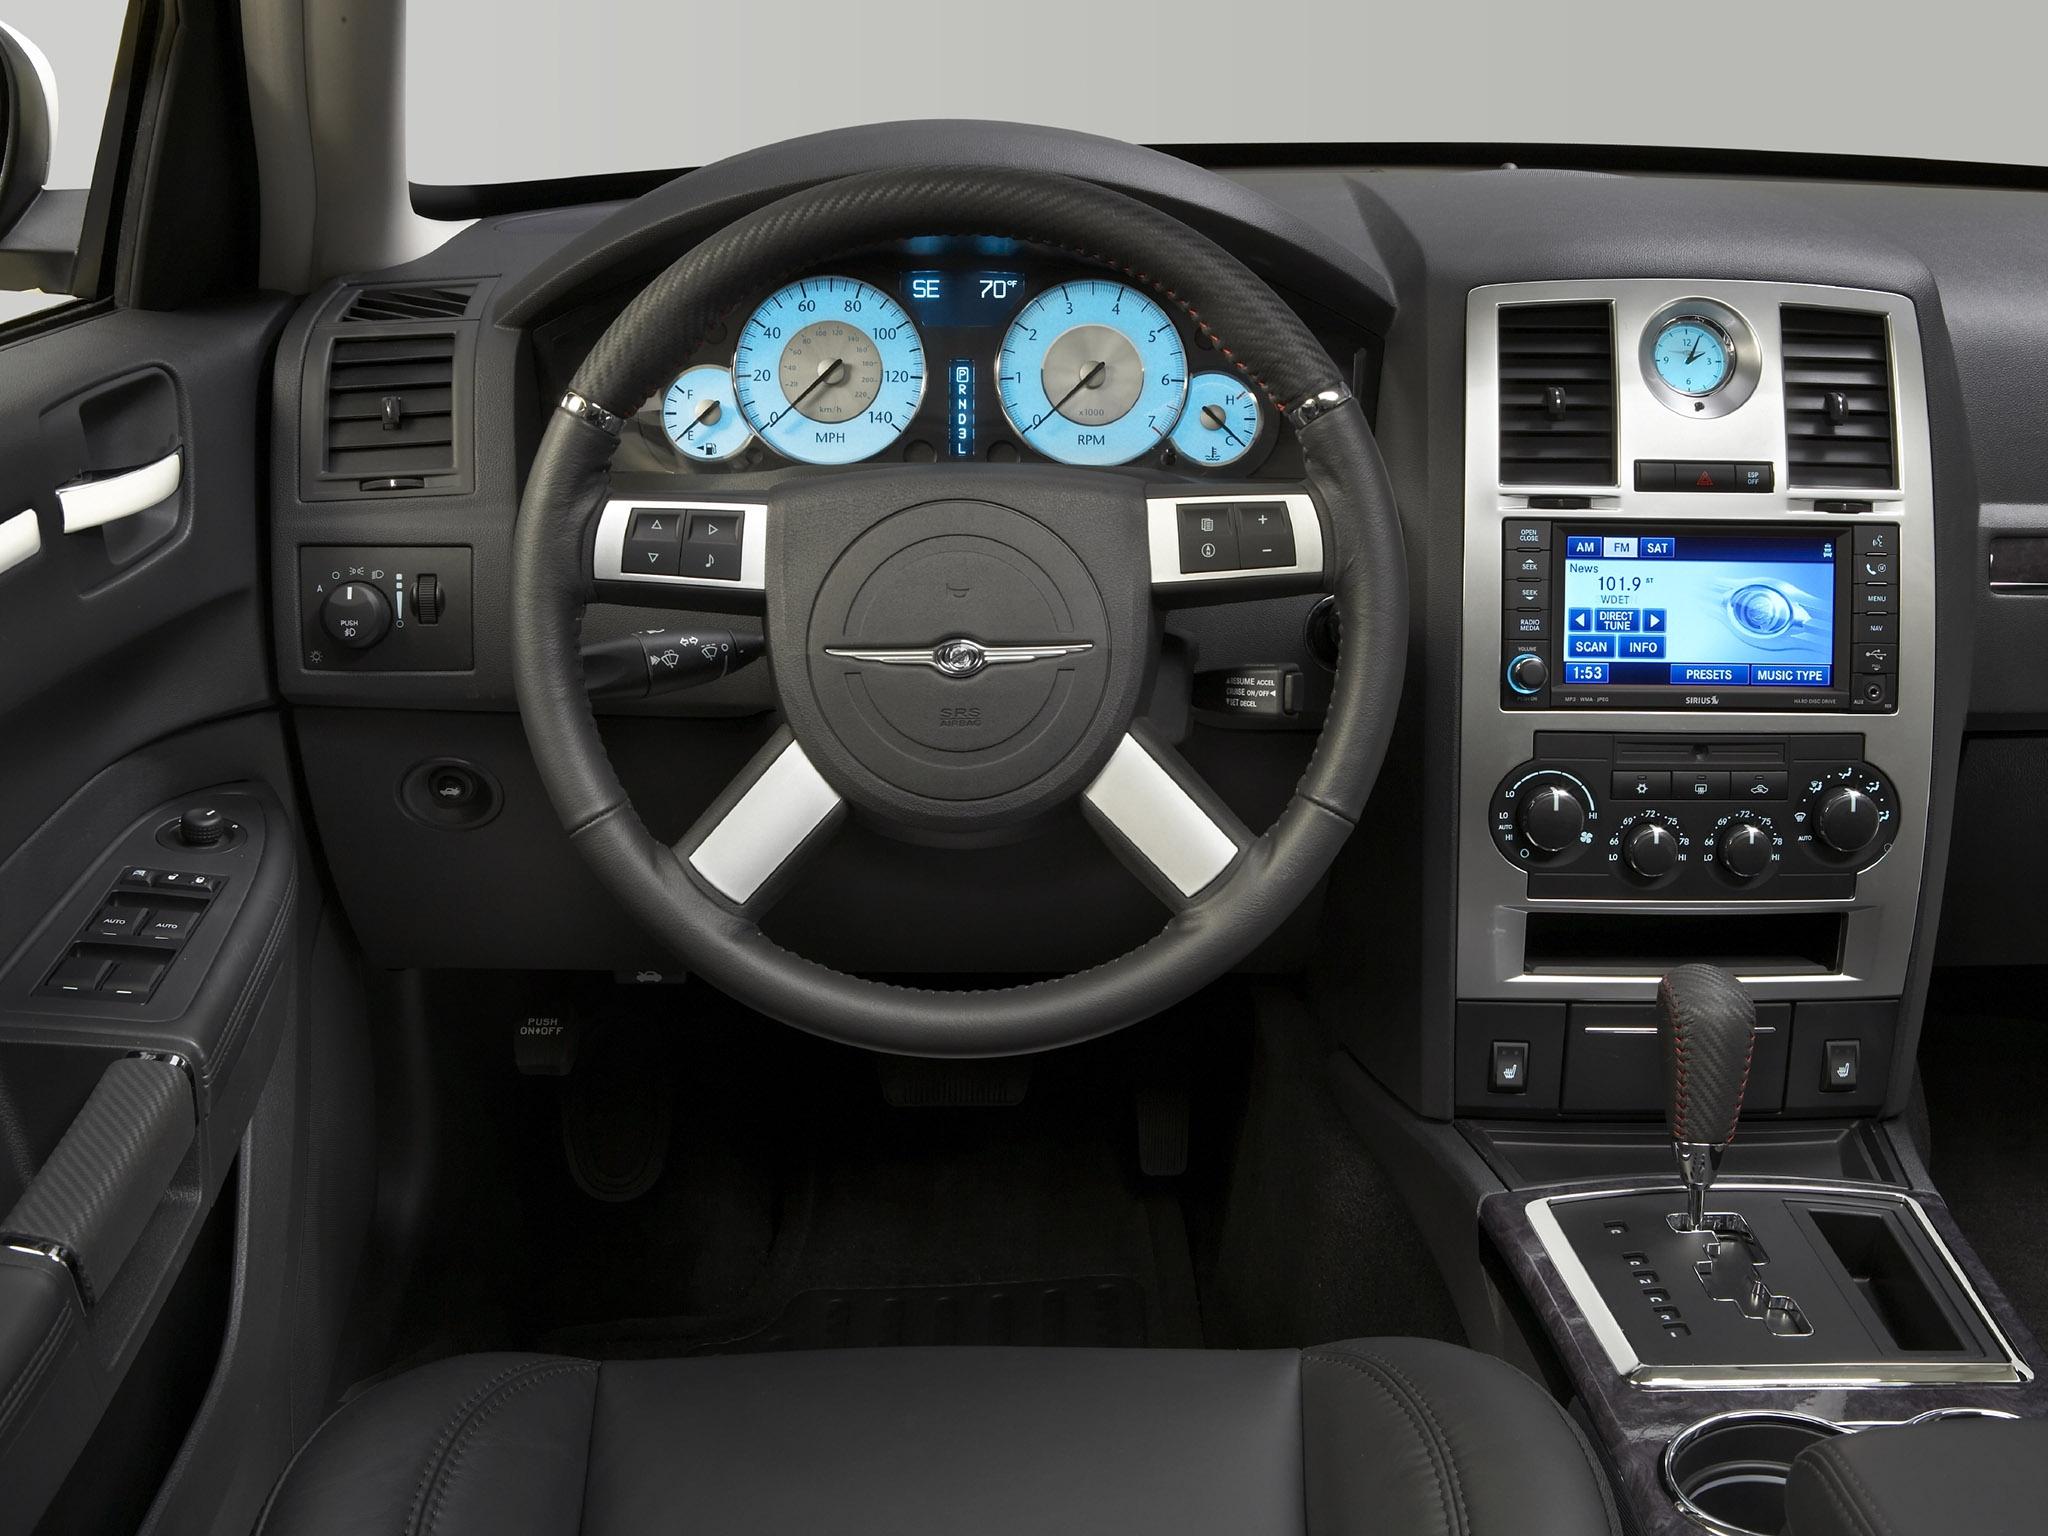 chrysler-interior-Chrysler-c-Interior-Image-for-chrysler-wallpaper-wpc5801206